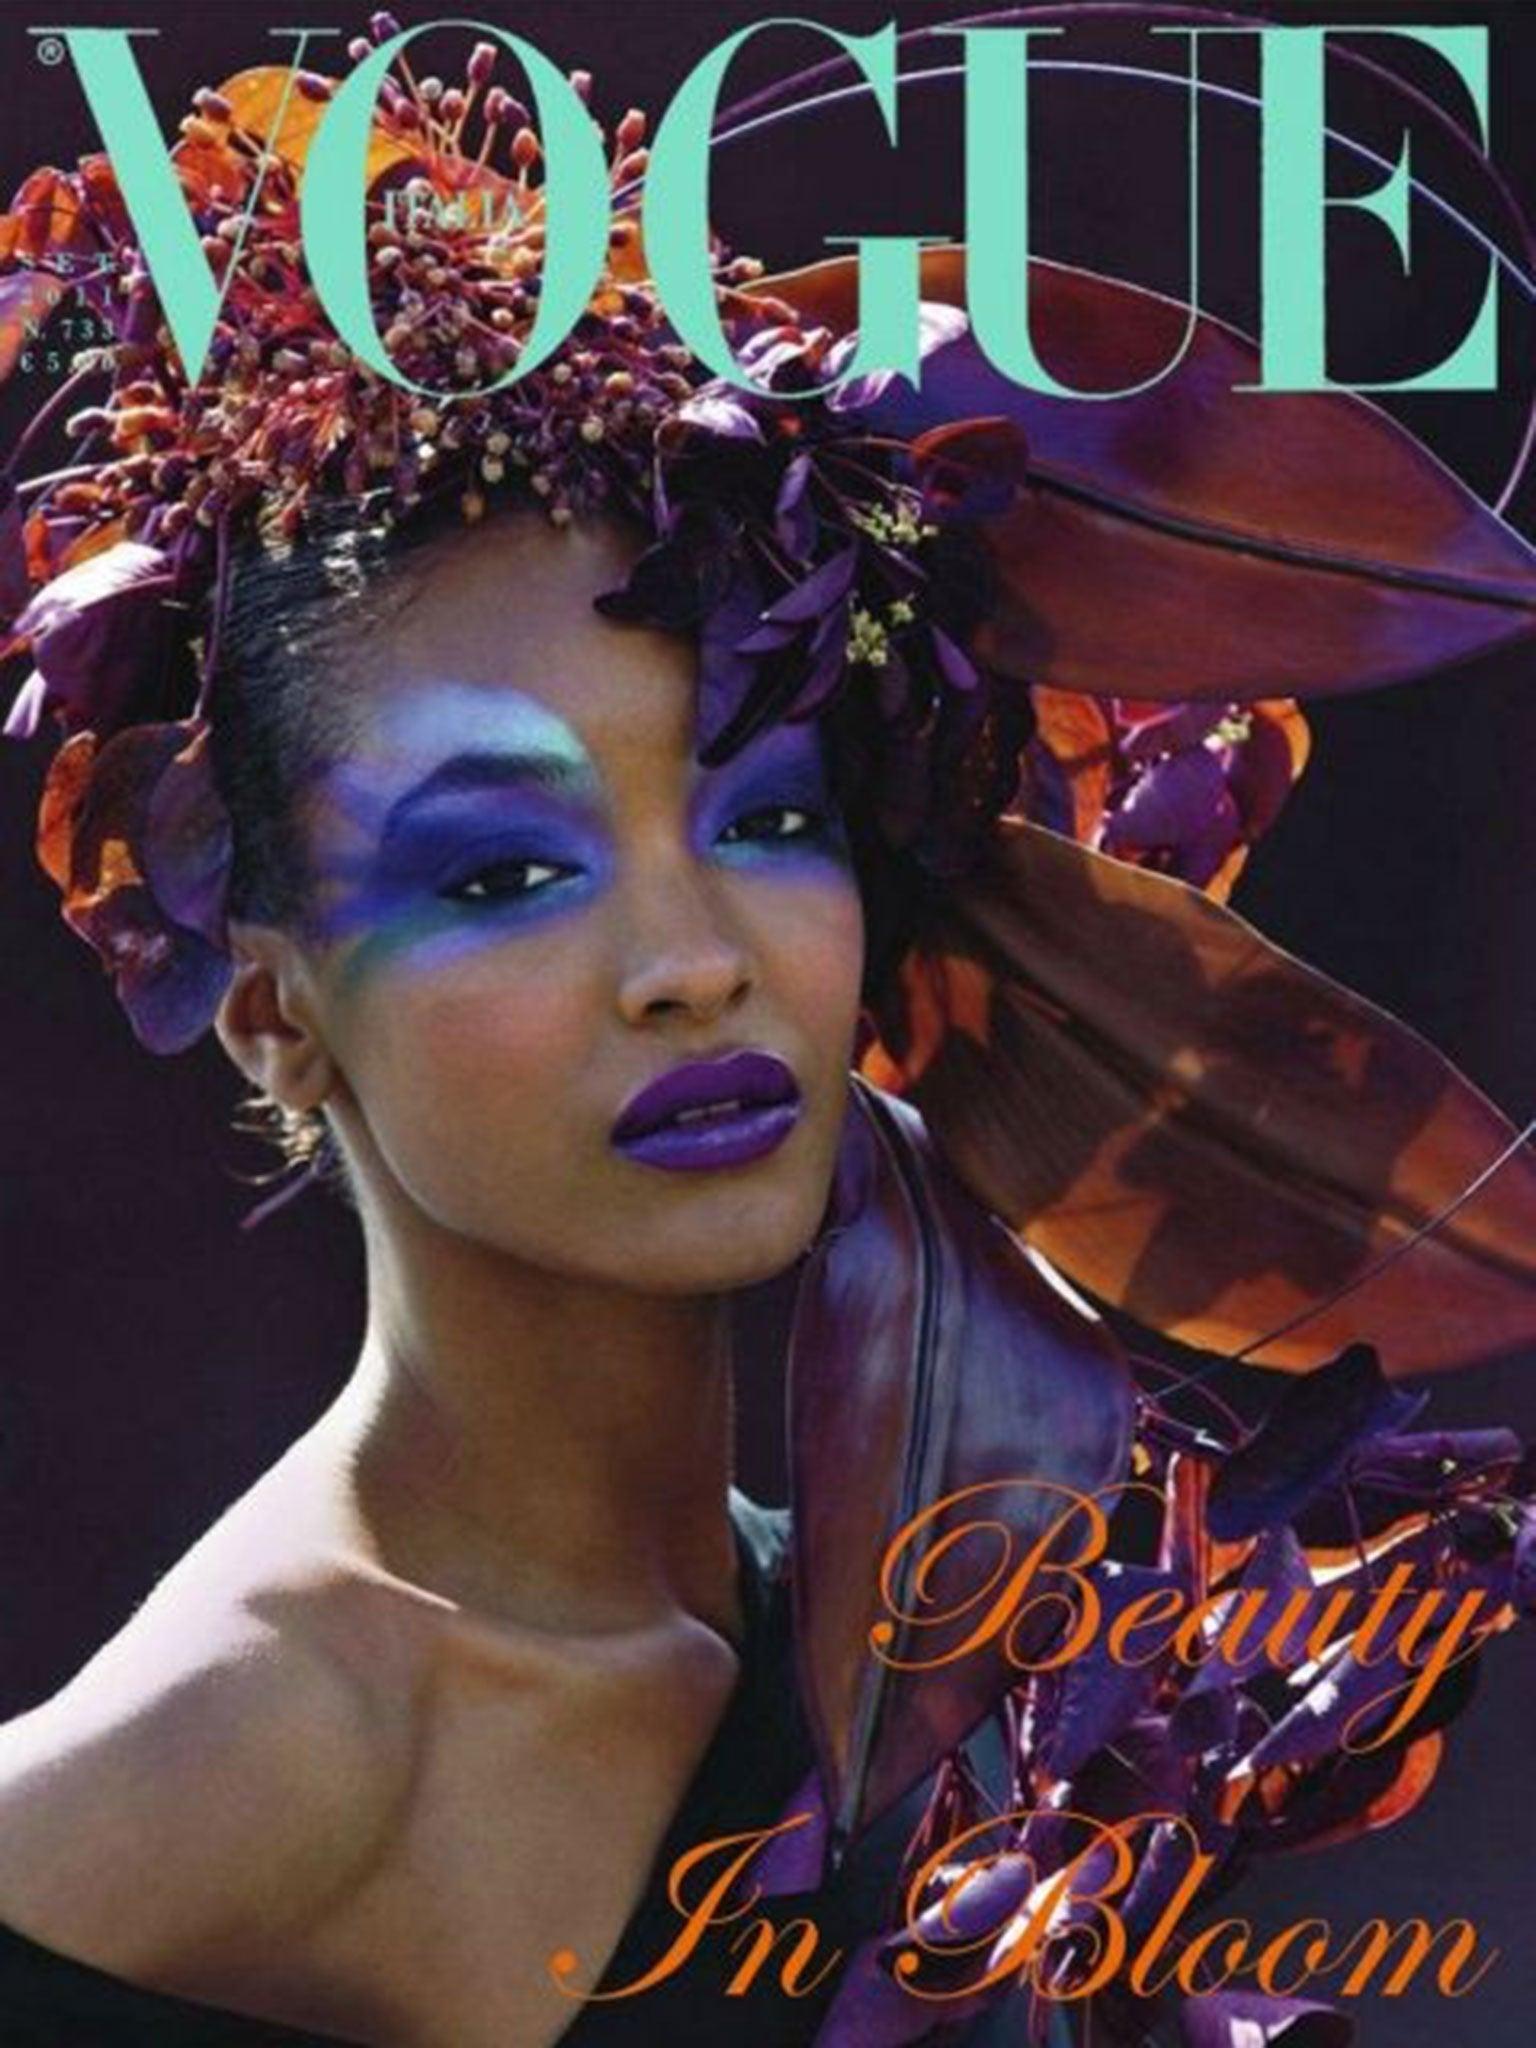 375cf151d6 ... Jourdan Dunn for Burberry s ... Vogue Italia September 2011